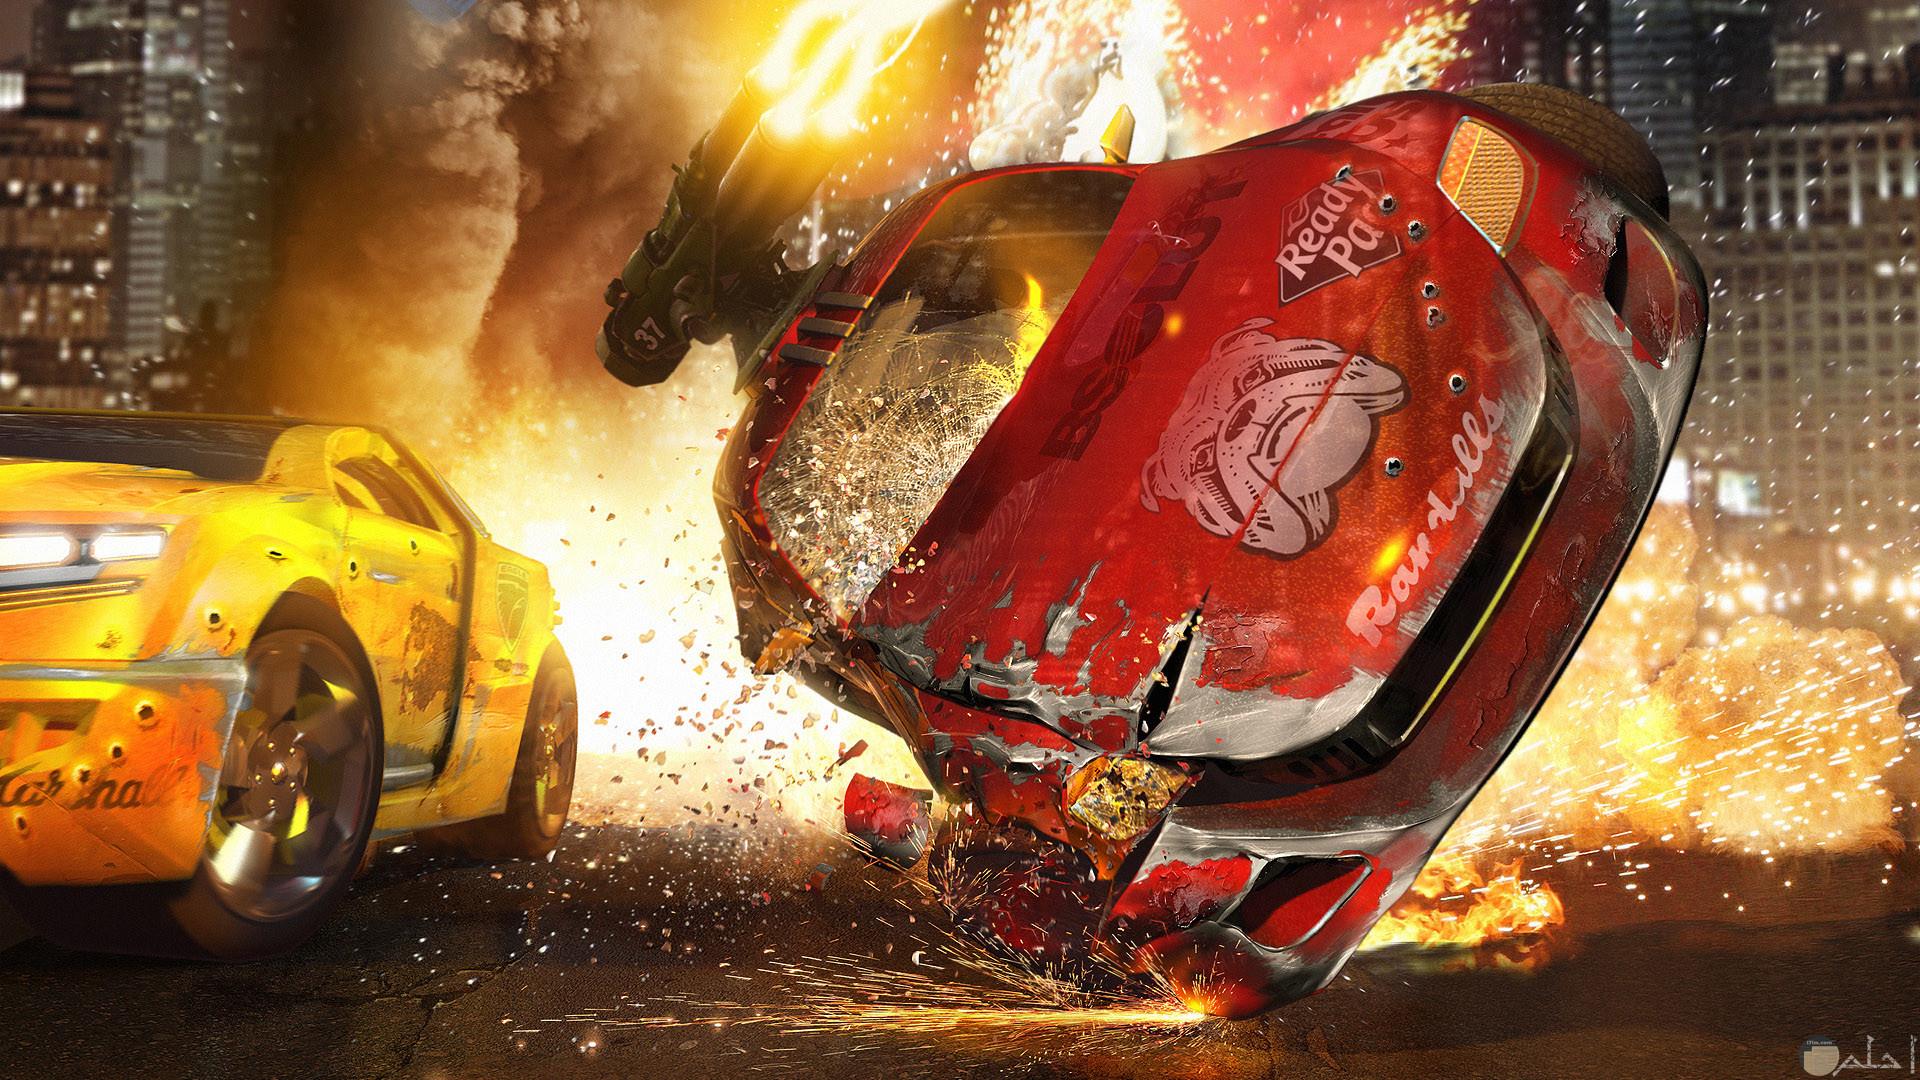 صورة أكشن من فيلم سيارات